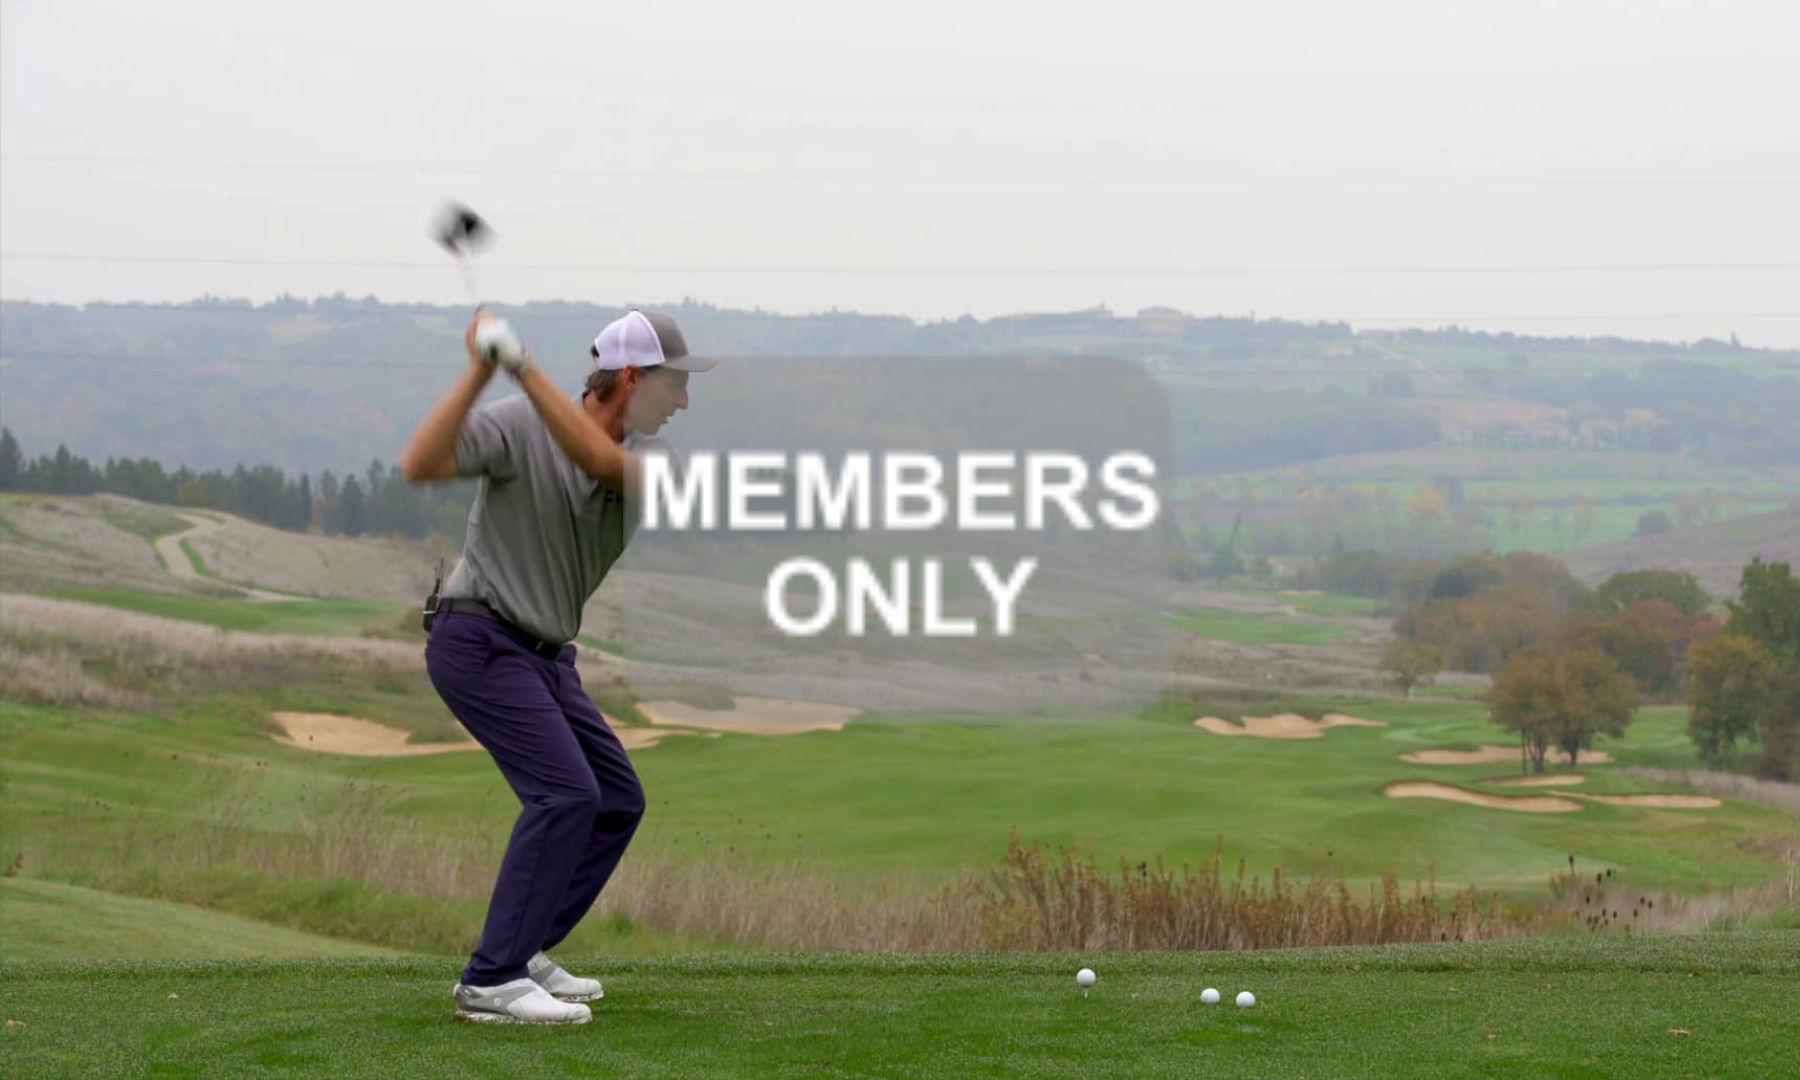 Golftechnik – Mehr Länge durch Beinkraft – Das Golf lernen Videoportal von Christian Neumaier zeigt Ihnen in dieser Übung, wie Sie weiter schlagen können!